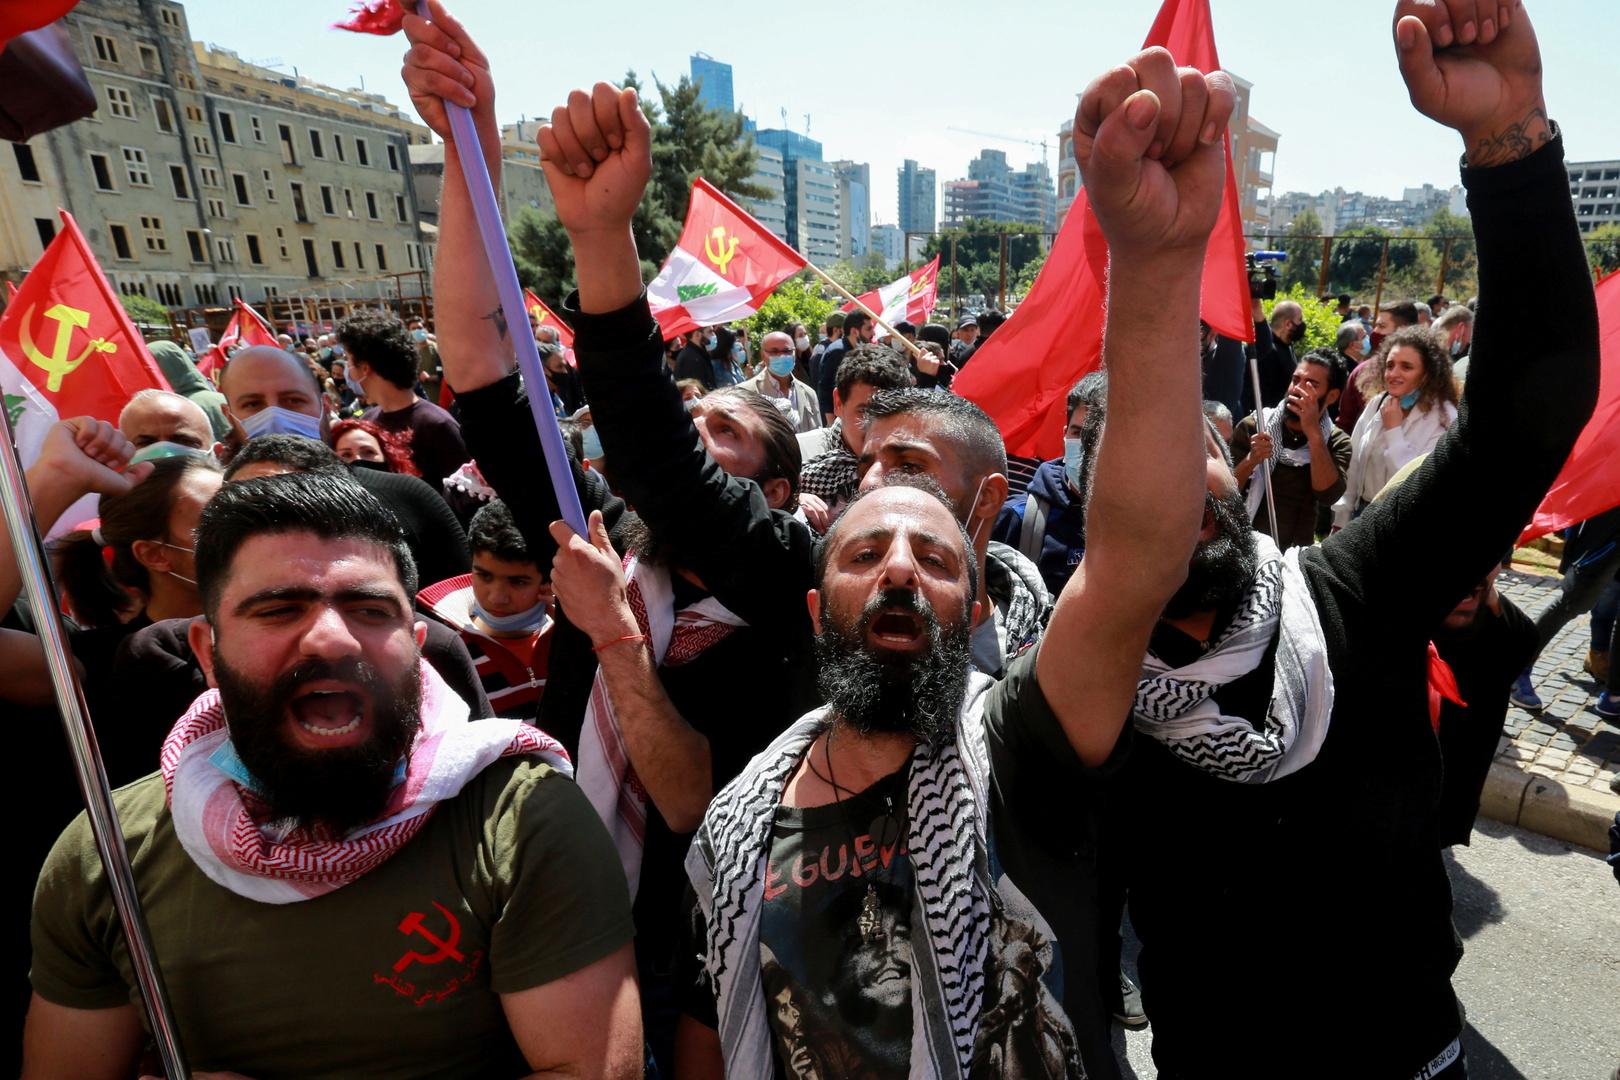 تظاهرة للحزب الشيوعي في بيروت